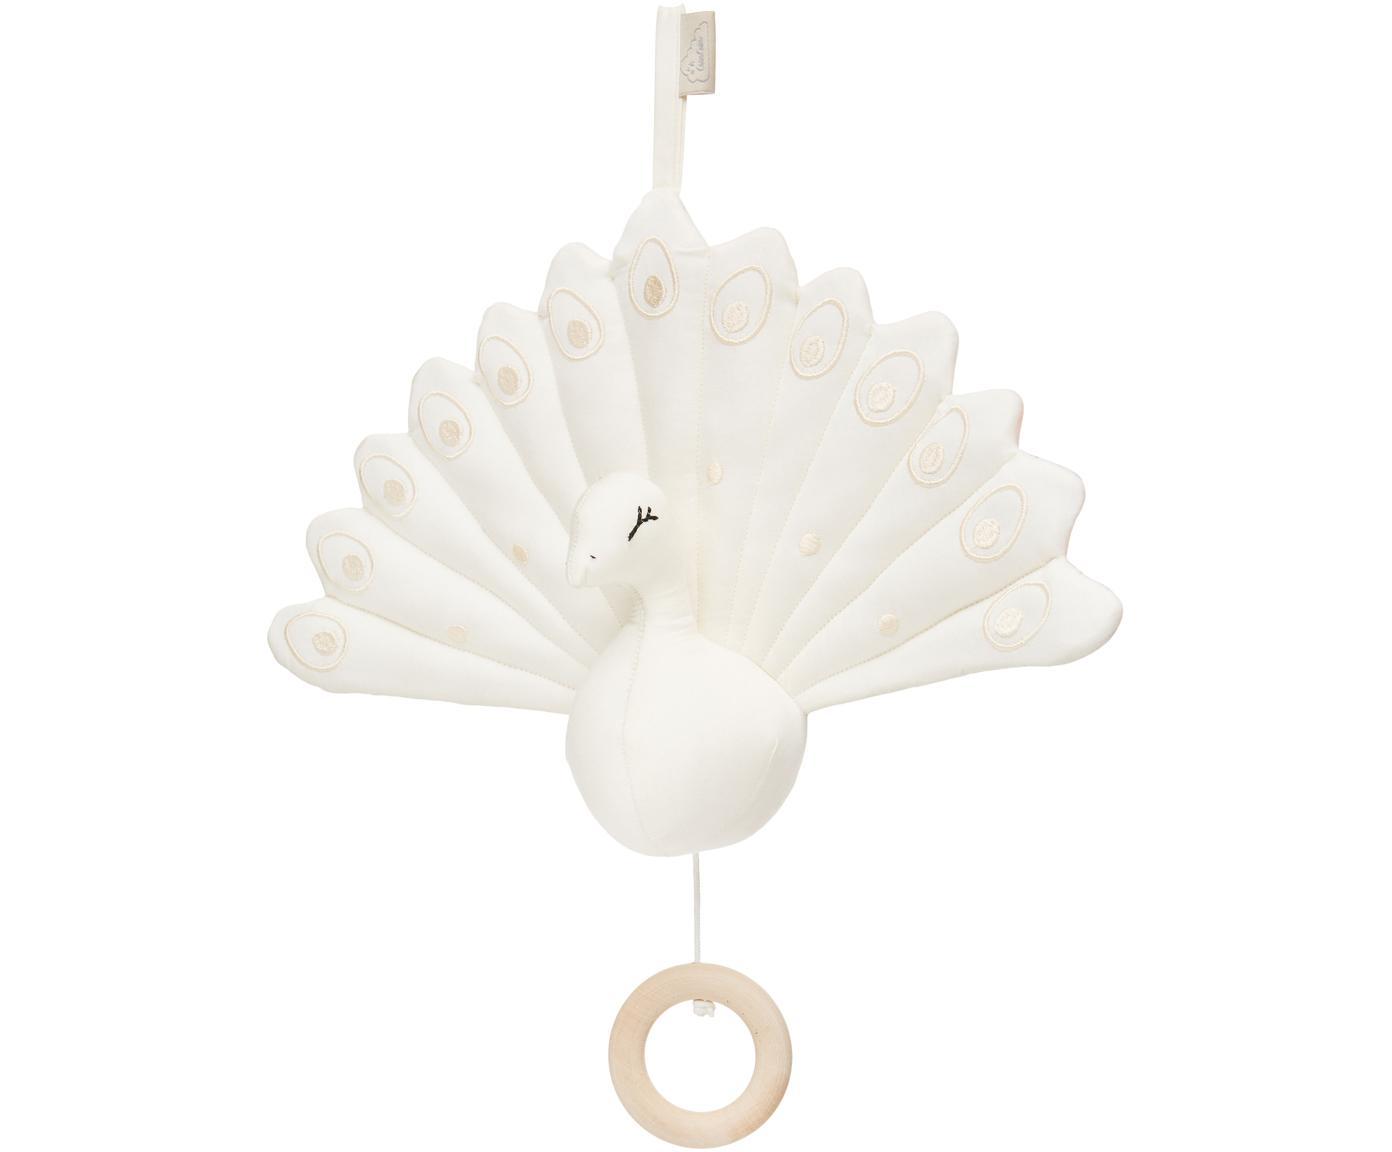 Giostrina in cotone organico Peacock, Rivestimento: cotone organico, Crema, Larg. 18 x Alt. 24 cm